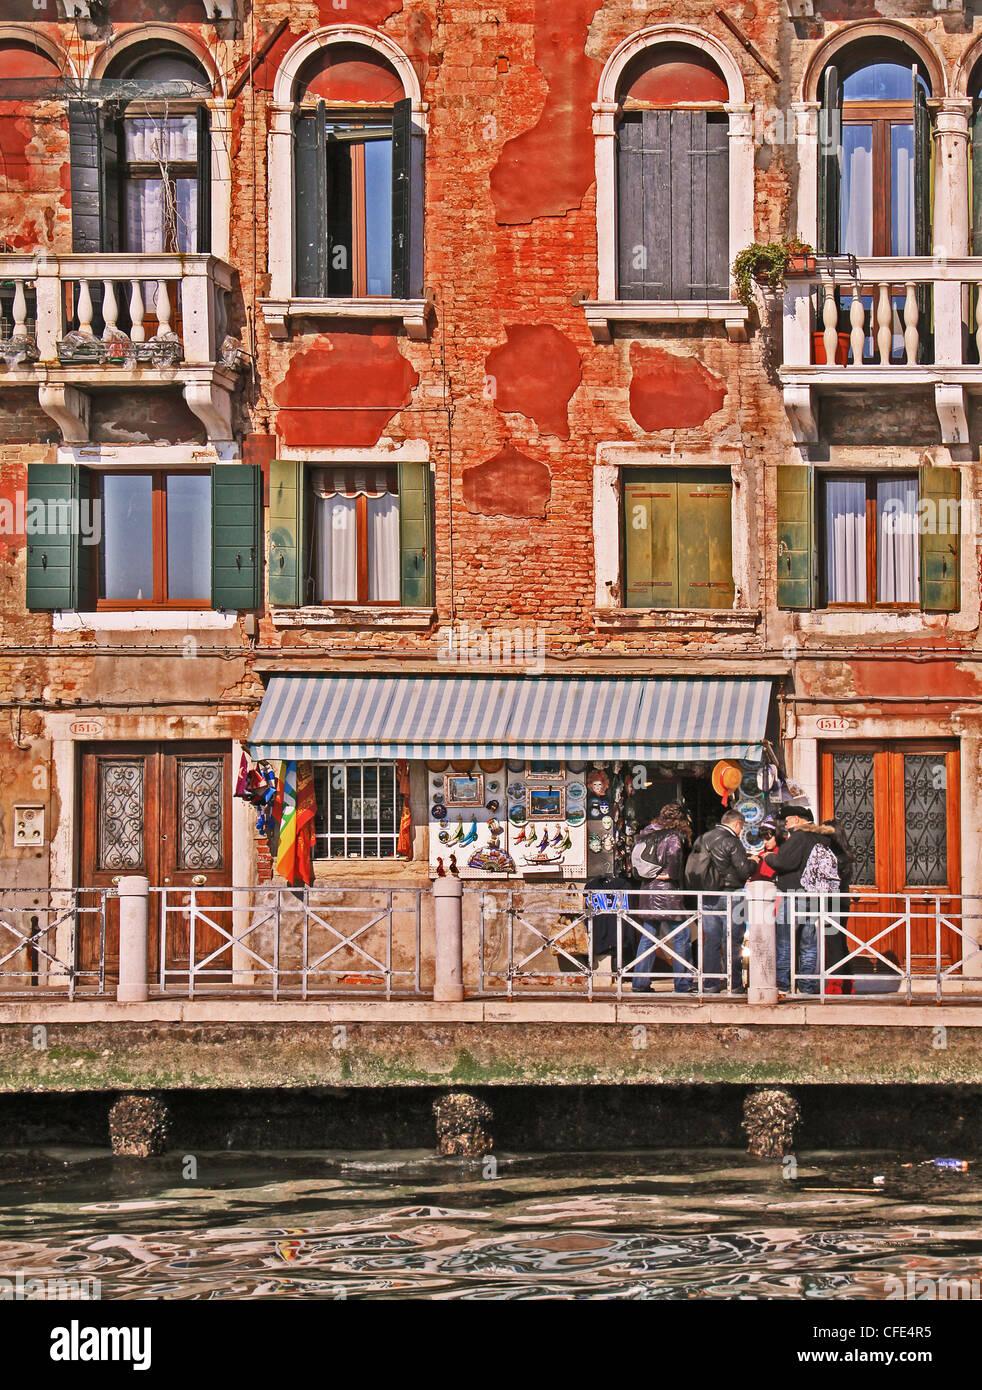 Venecia, antiguo edificio frente al agua y turistas en frente de una tienda de regalos Imagen De Stock